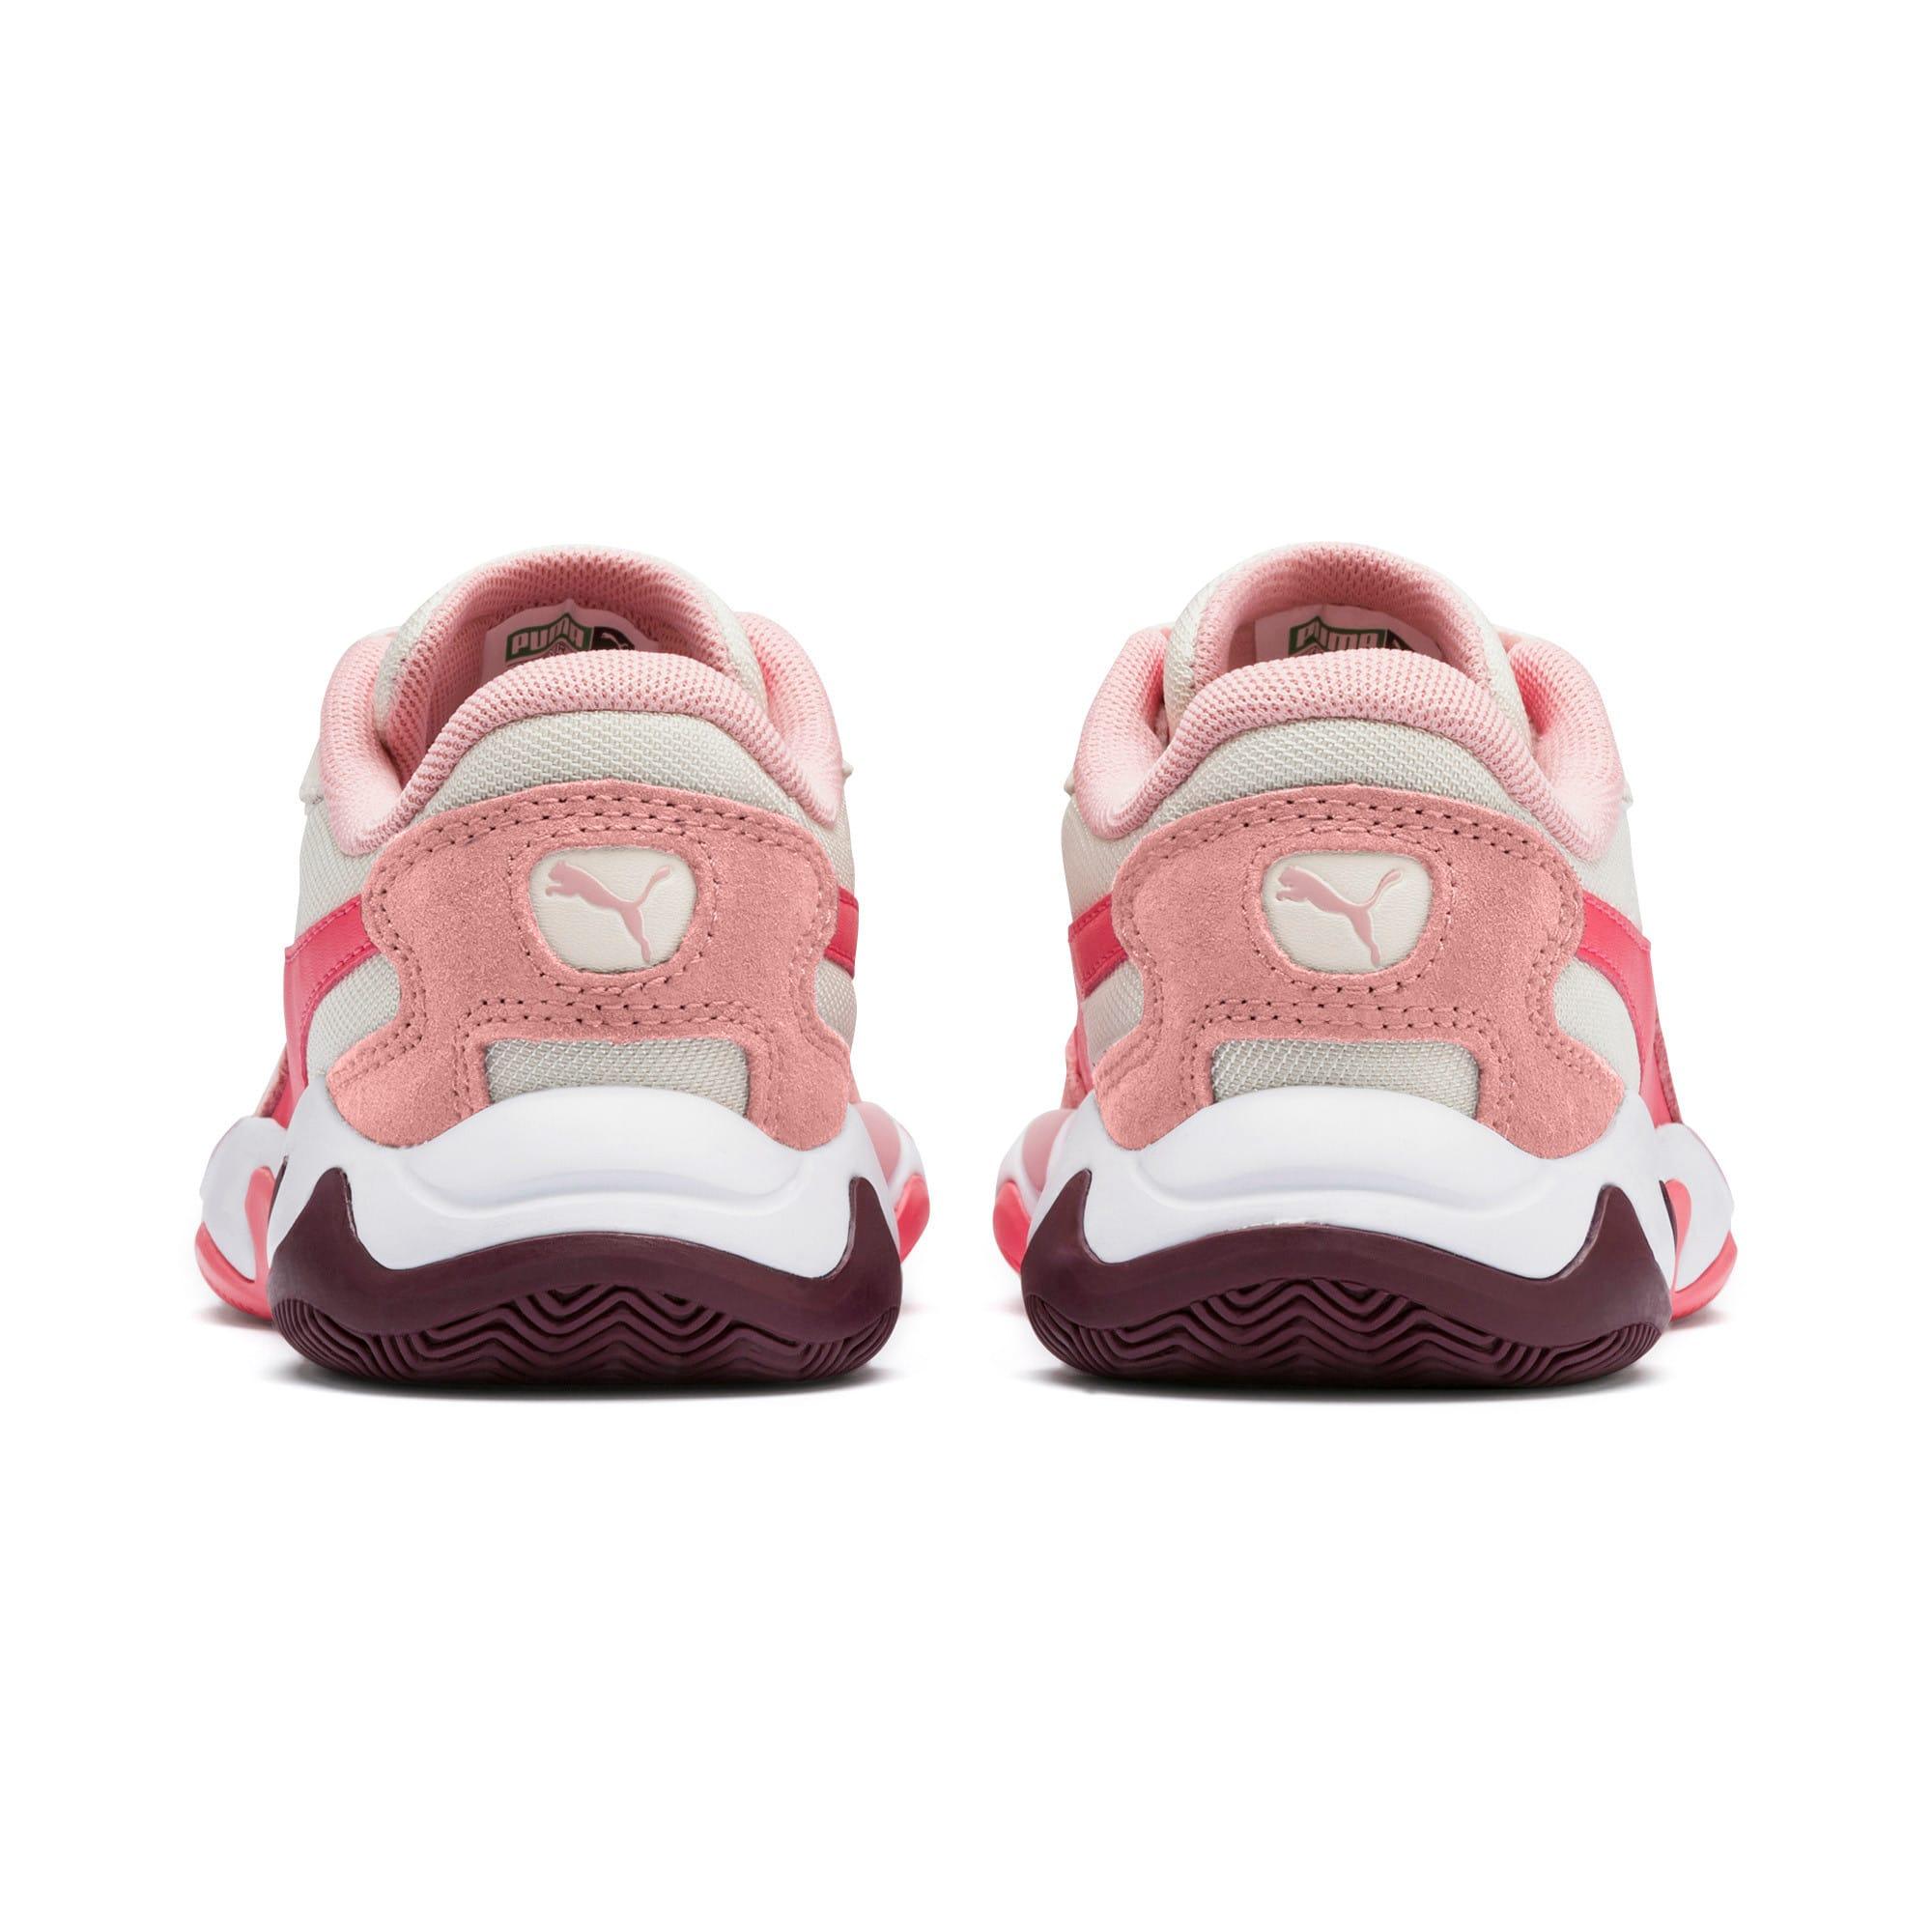 Miniatura 3 de Zapatos Storm Ray para niño pequeño, Bridal Rose-Pastel Parchment, mediano